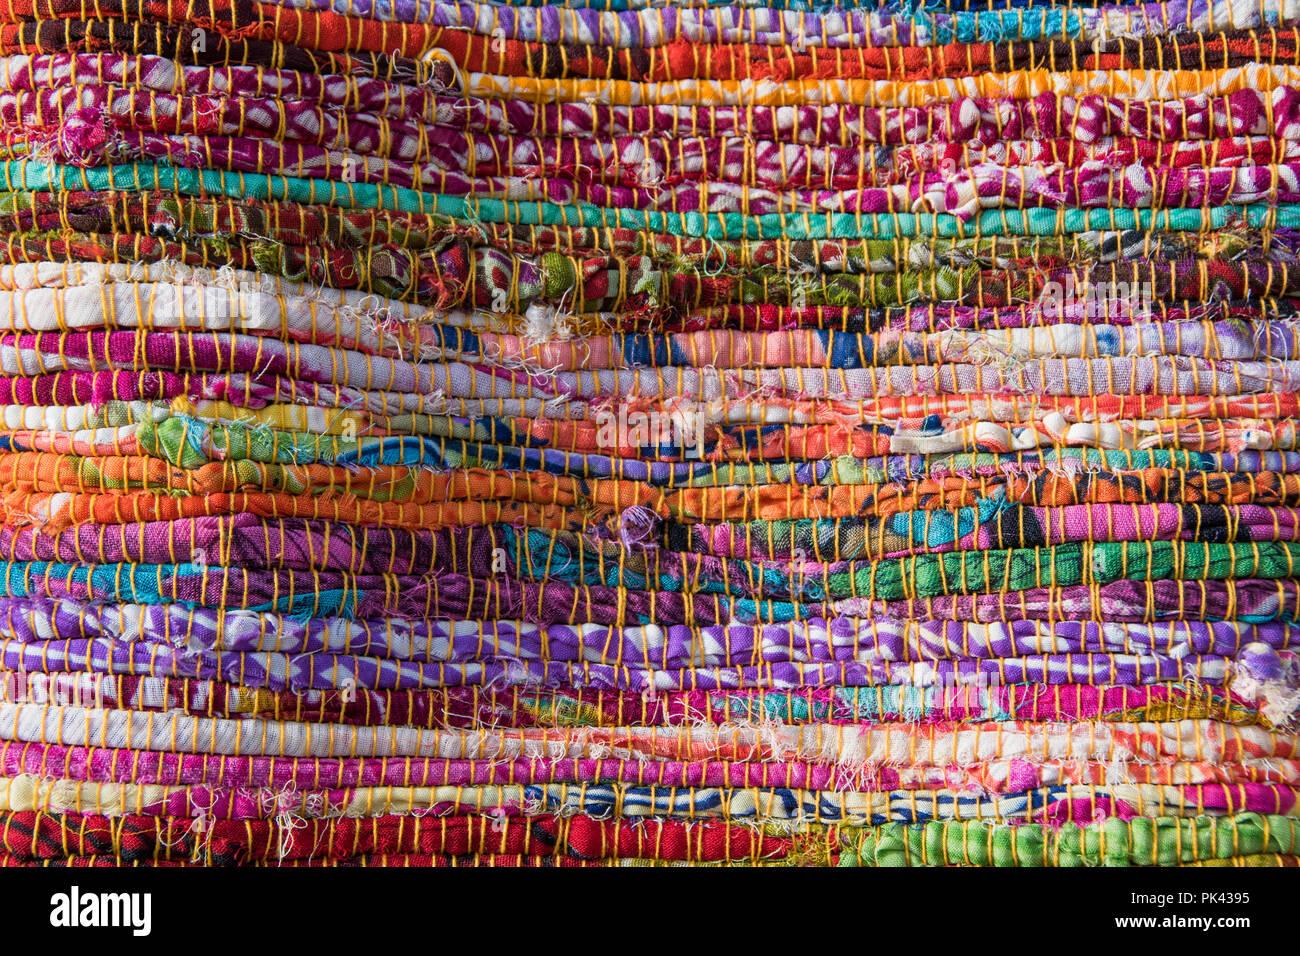 Tappeti In Tessuto Riciclato : Tappeto di stracci immagini & tappeto di stracci fotos stock alamy